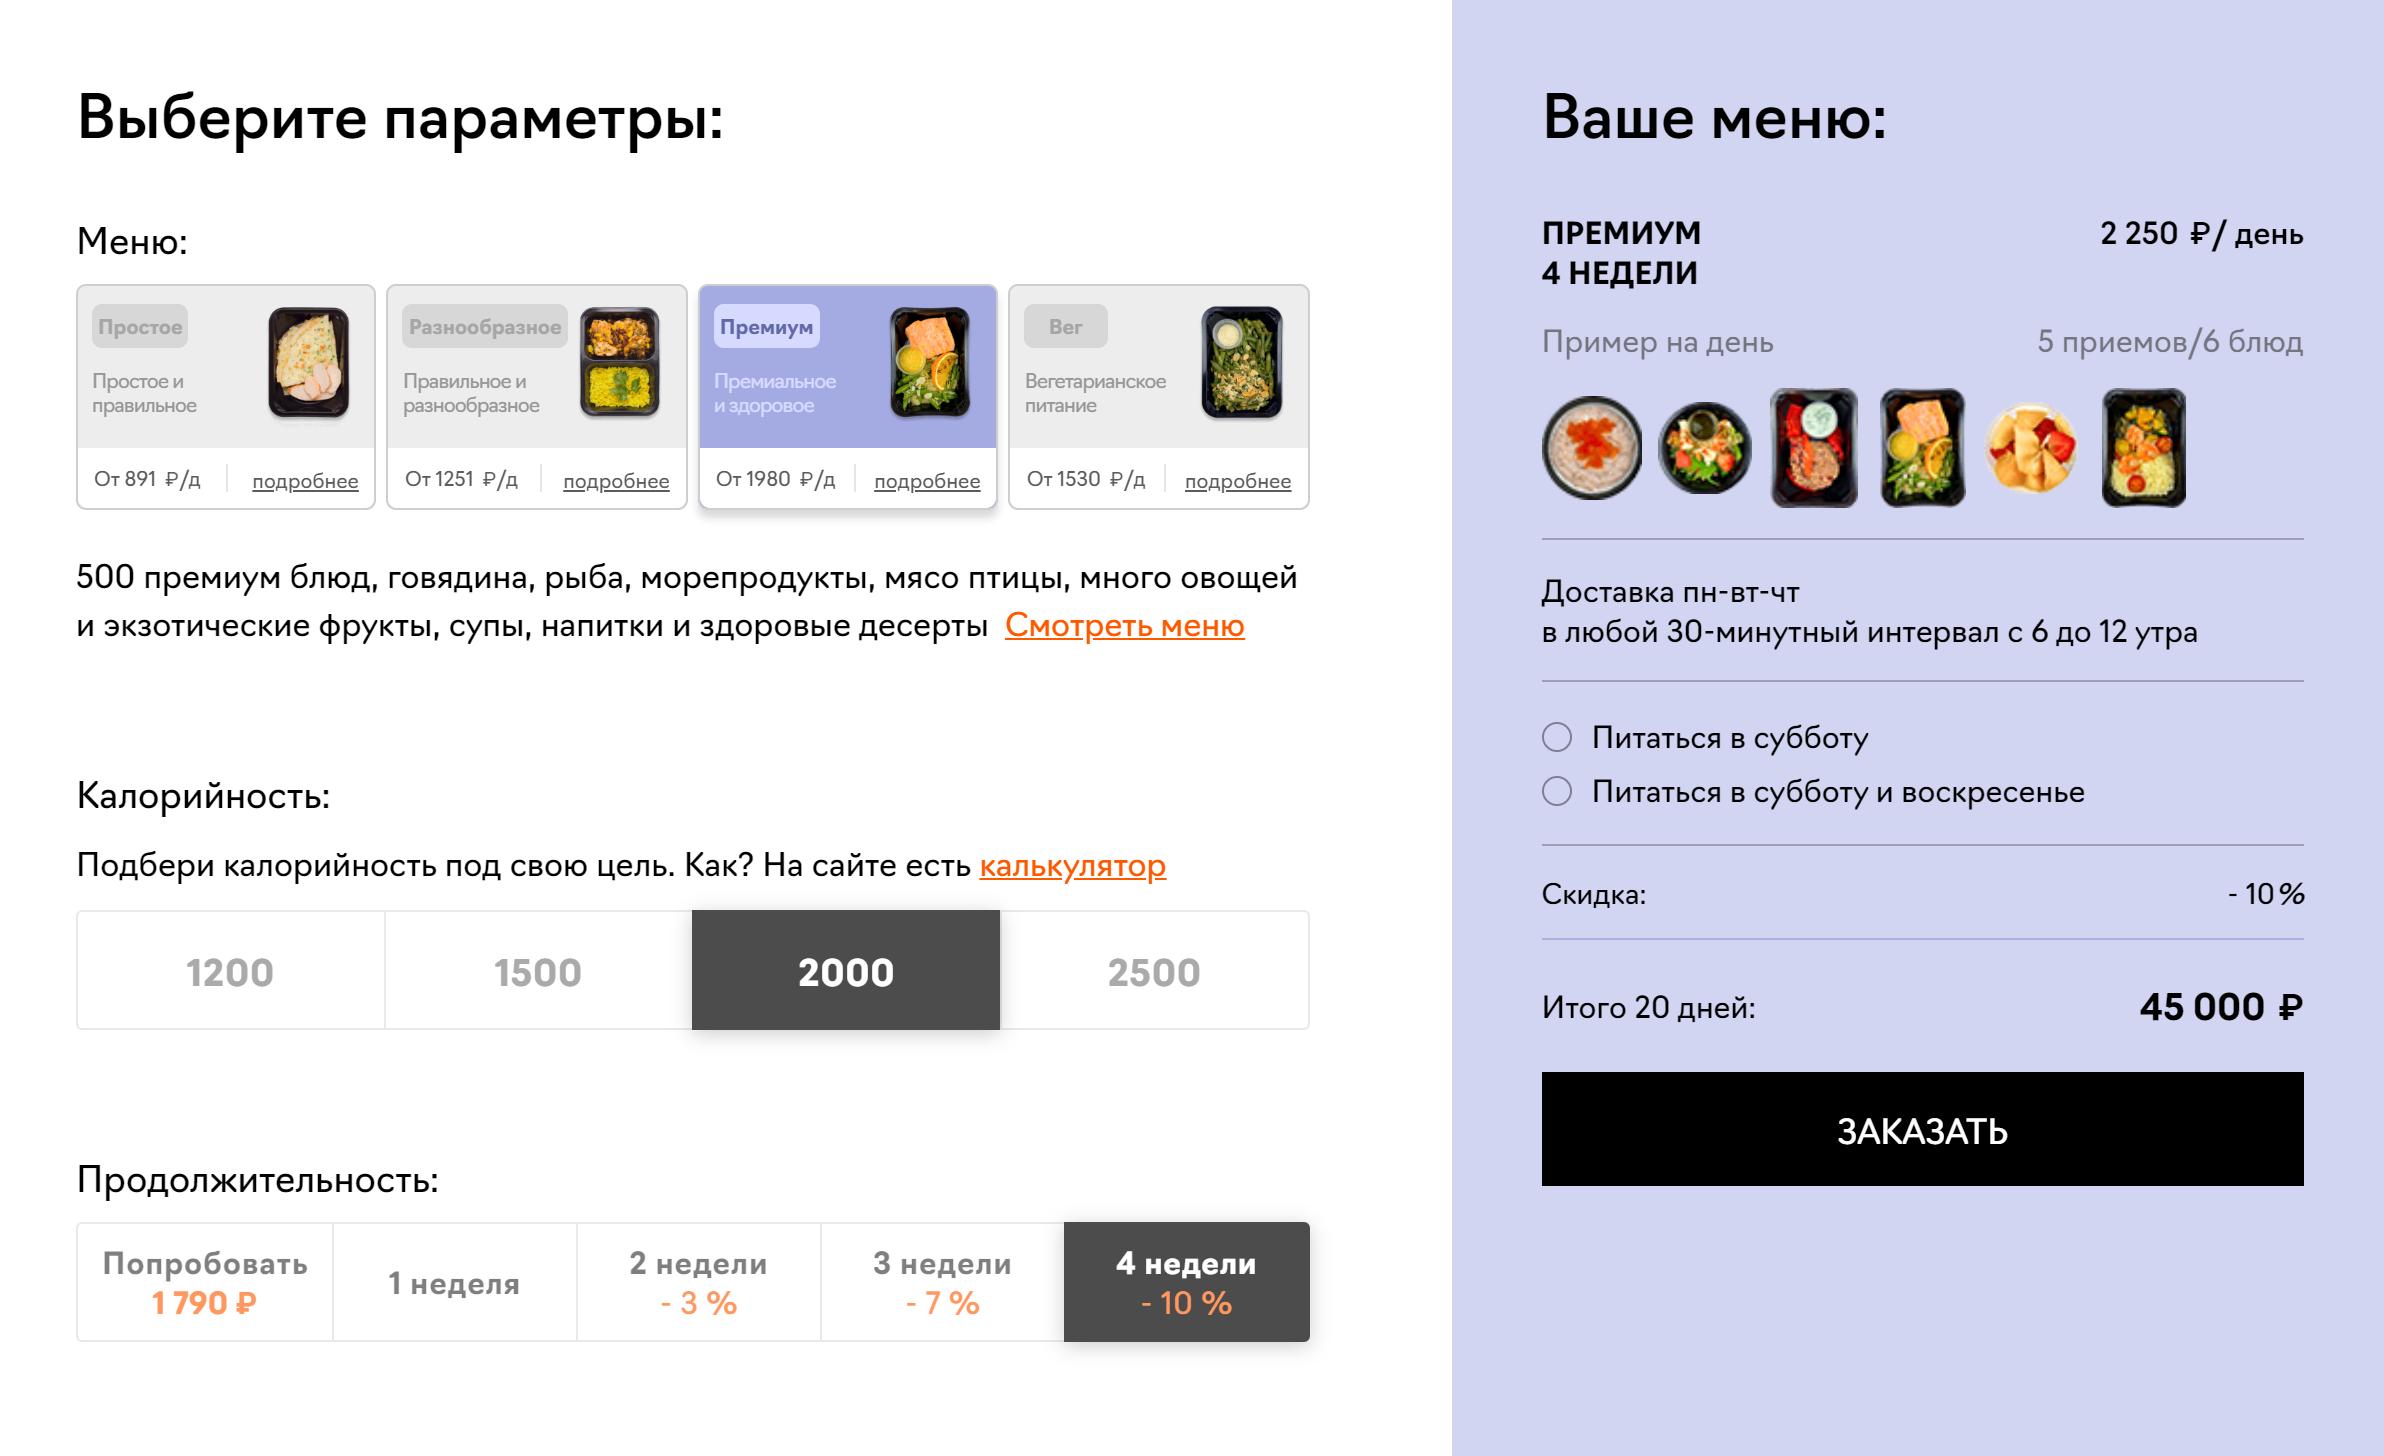 Вариант питания от сервиса JustFood на 20 дней за 45 000<span class=ruble>Р</span> на одного человека